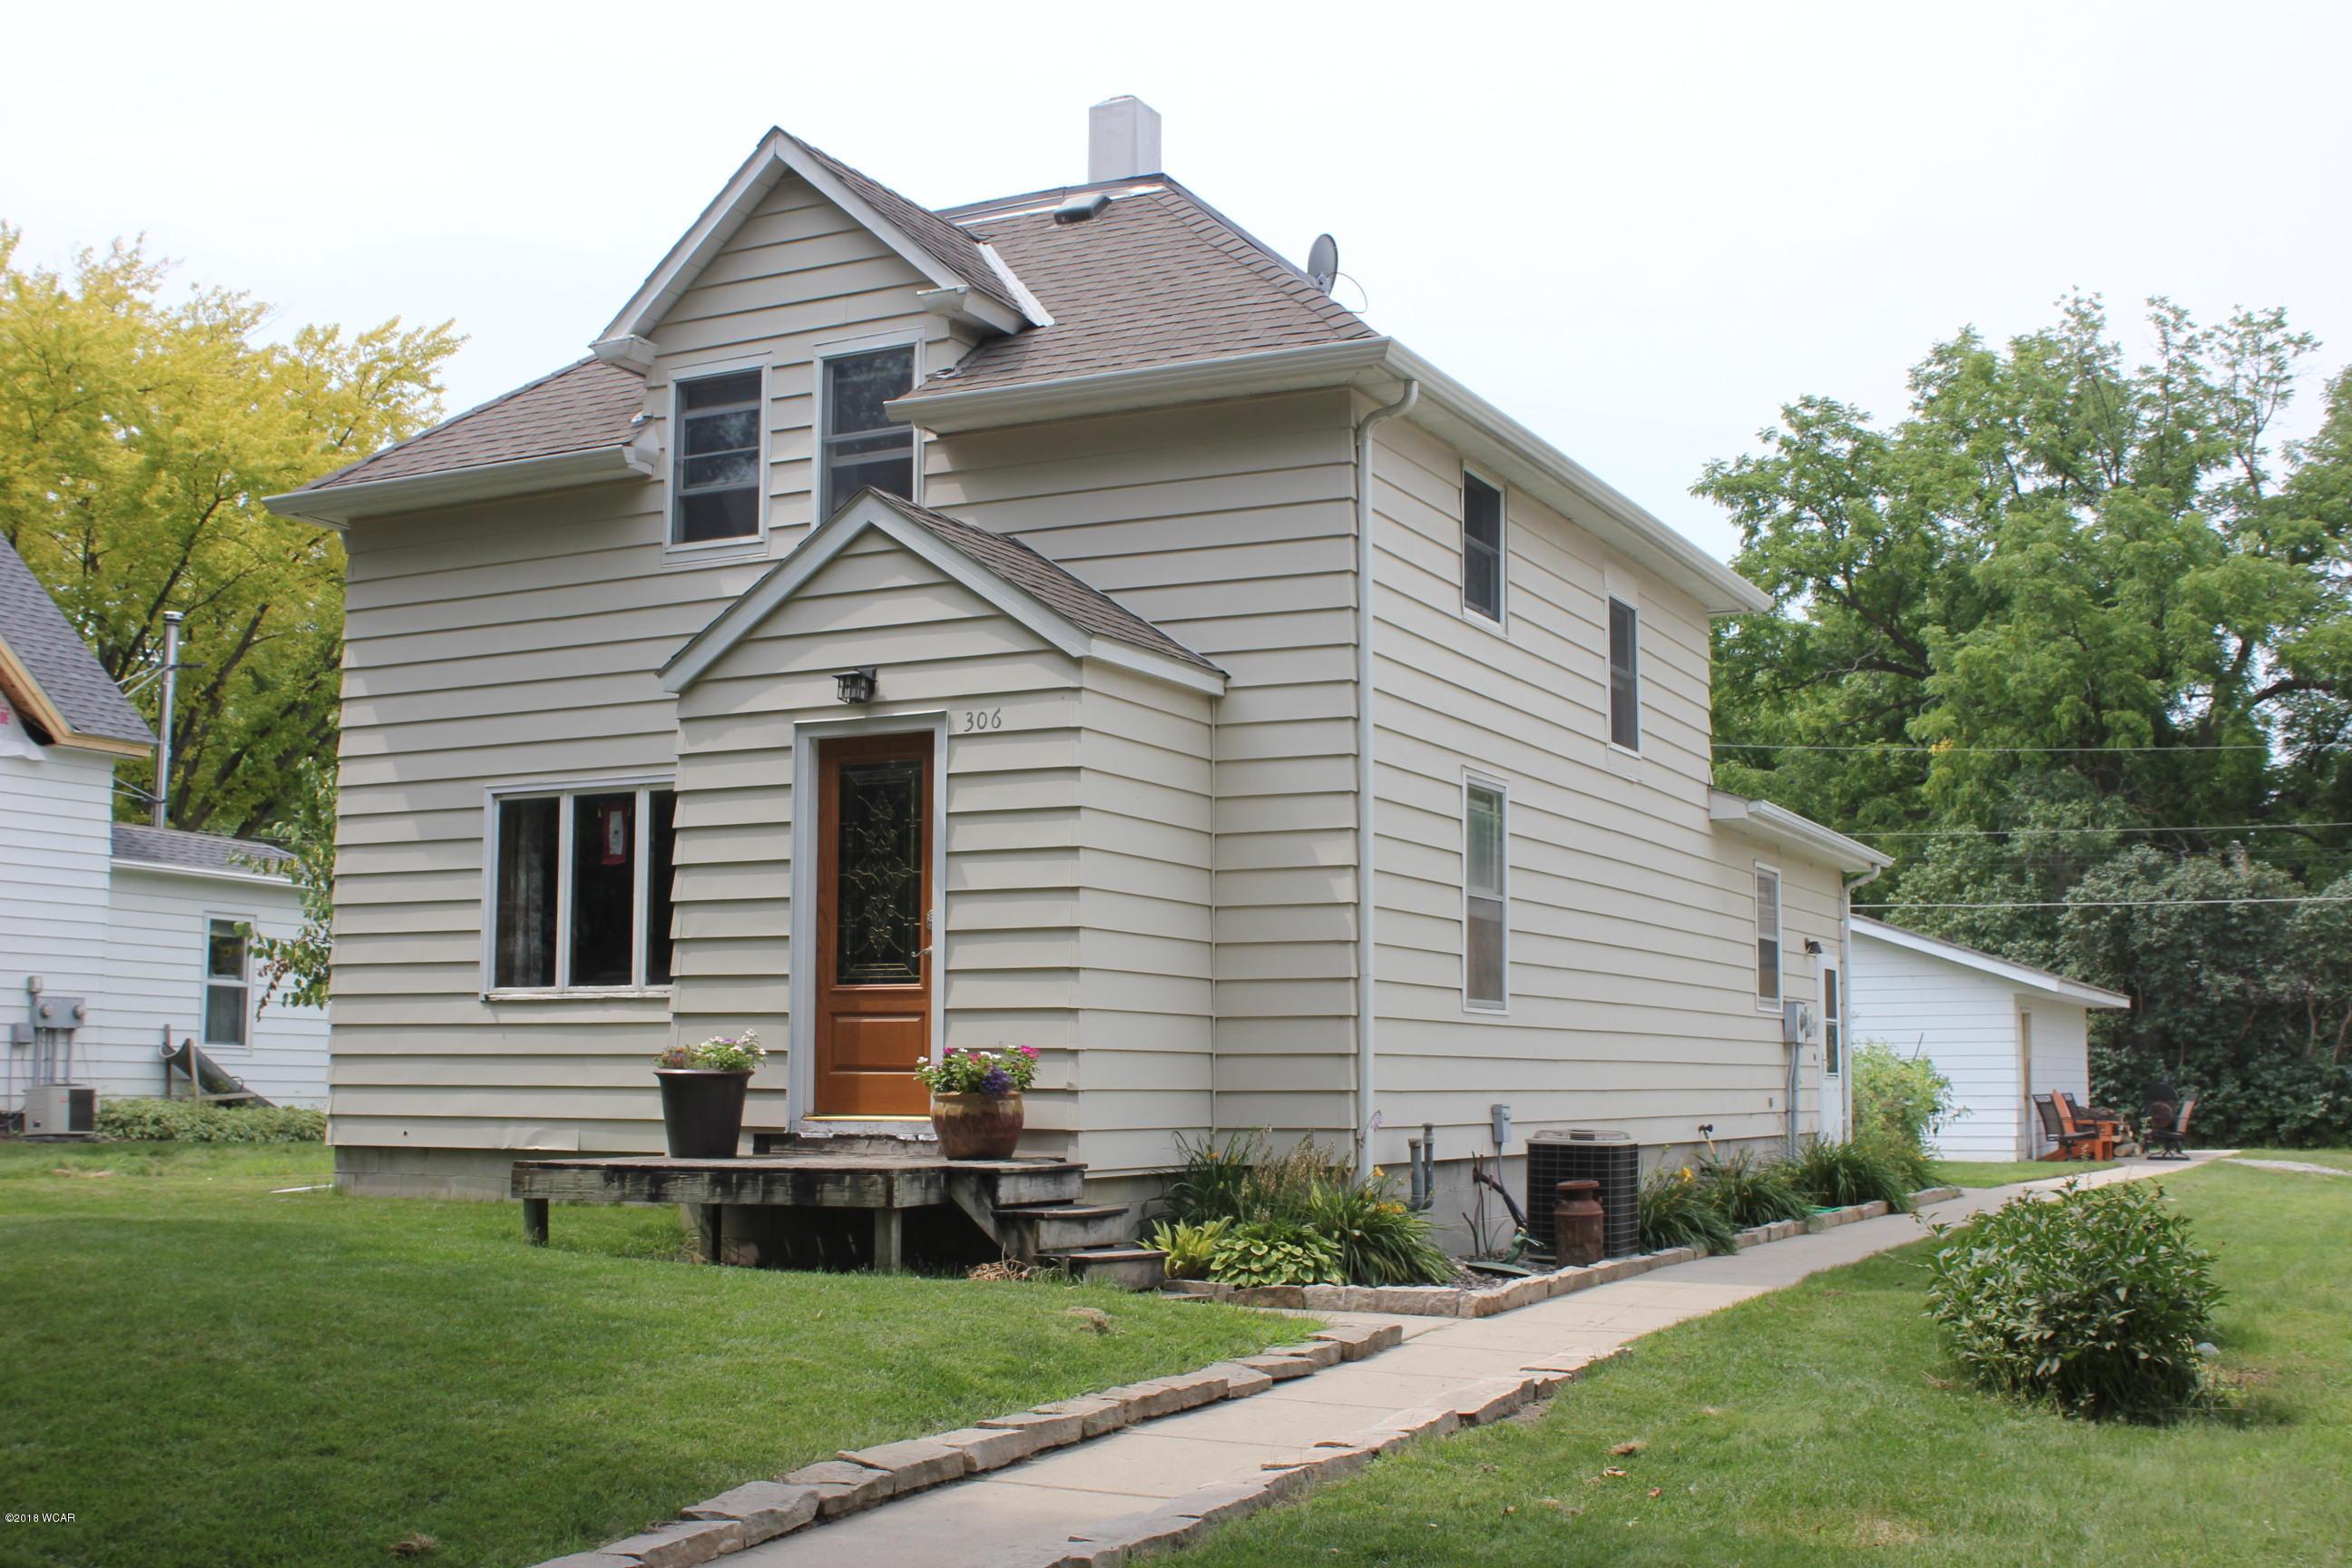 306 N 9th Street,Kerkhoven,3 Bedrooms Bedrooms,2 BathroomsBathrooms,Single Family,N 9th Street,6031799